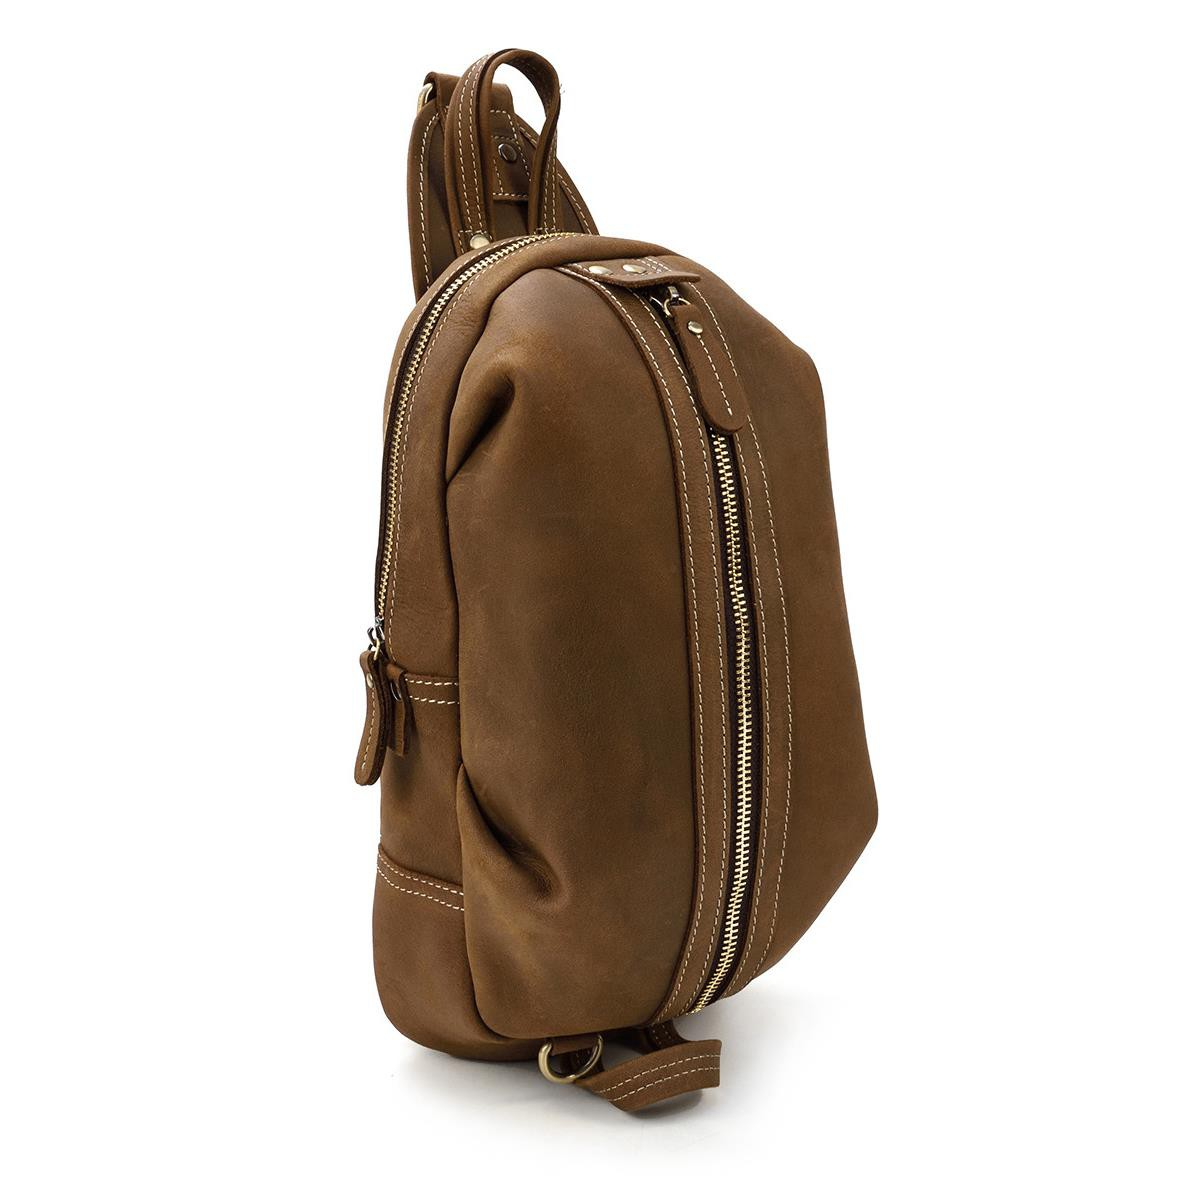 Retro mens leather chest bag crazy horse skin messenger bag mens out shoulder bag large capacity sports bag 1016